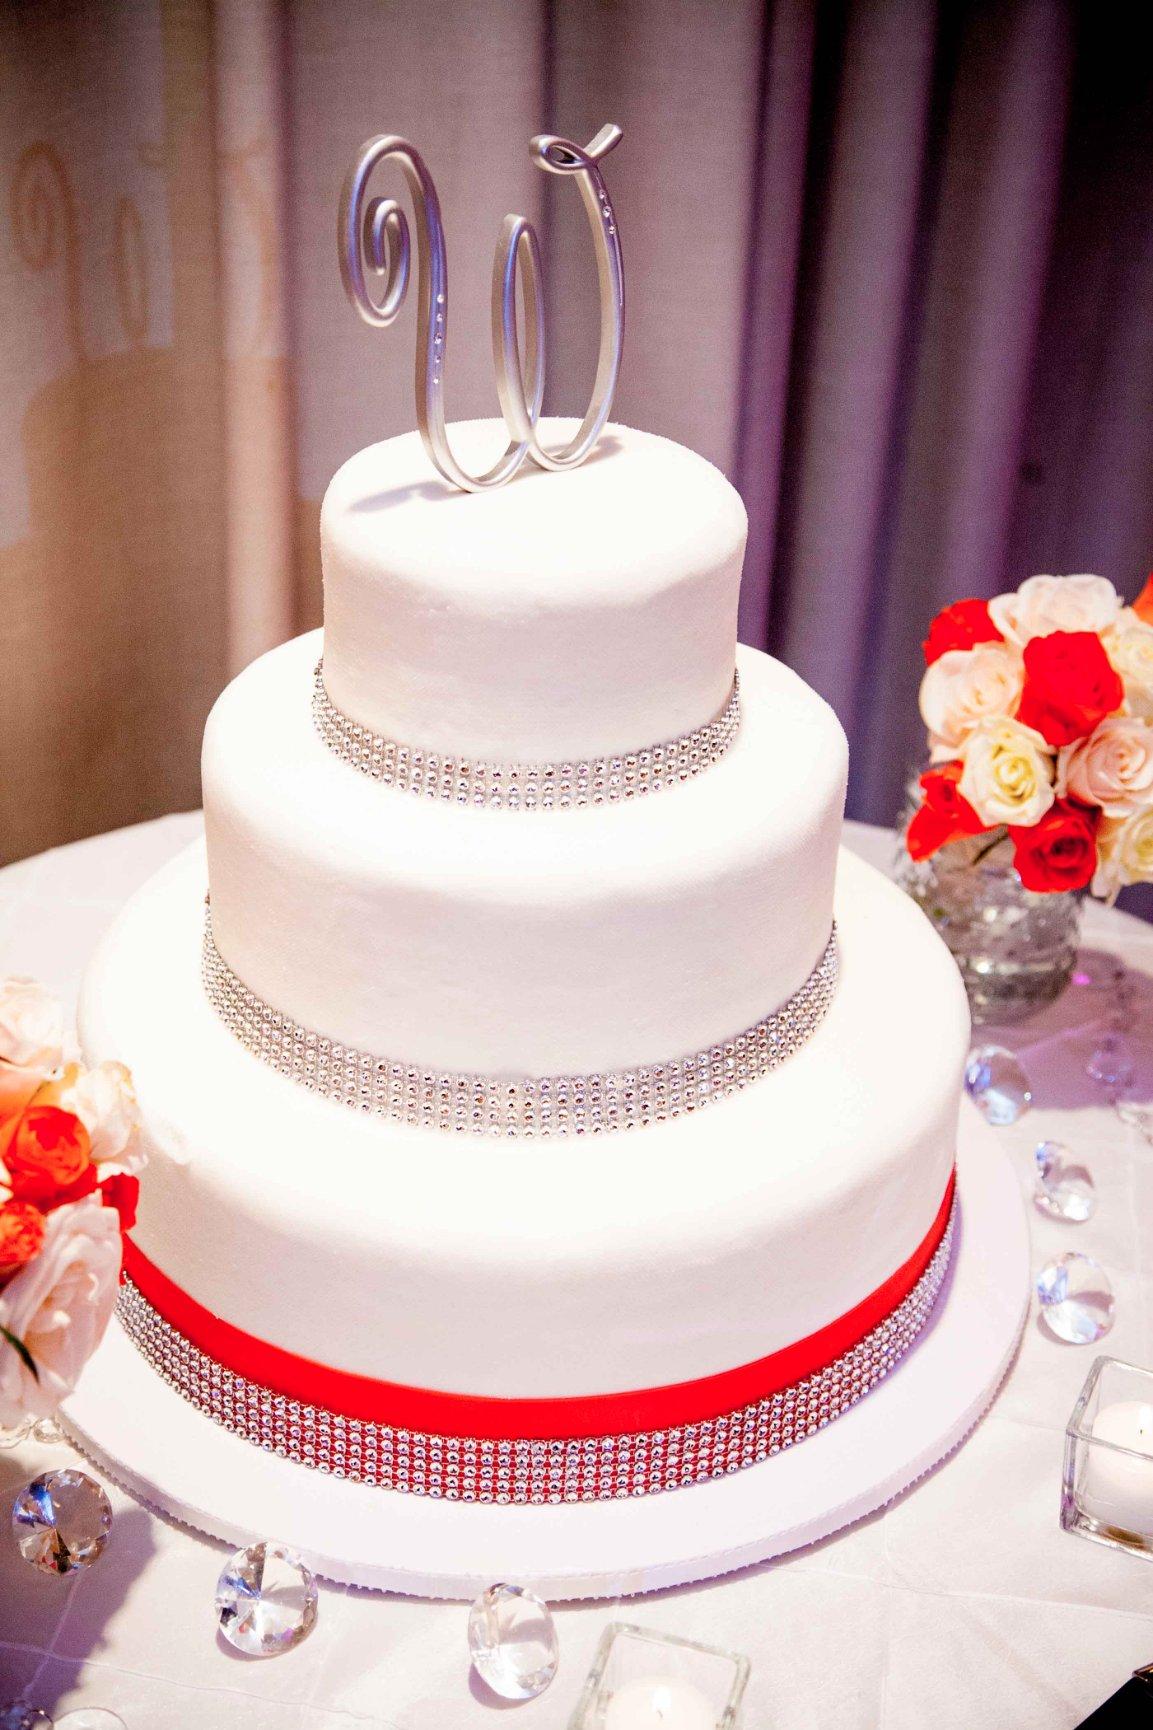 Wedding Cake Trends Brett Charles Rose graphy